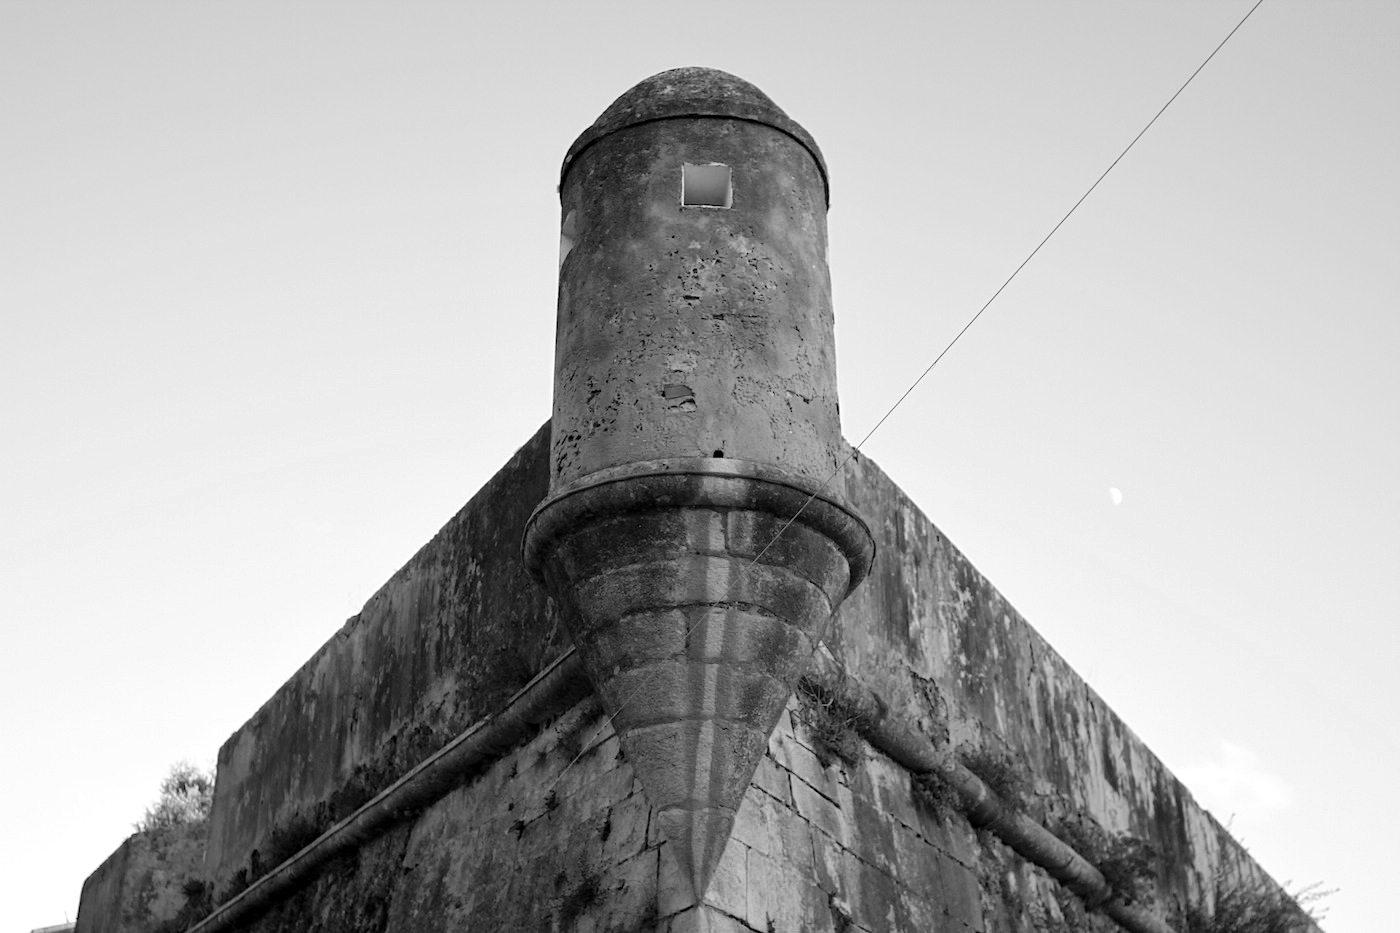 Cidadela de Cascais.  Die 400 Jahre alte Festung war einst eine der wichtigsten Anlagen zur Verteidigung des Umlands von Lissabon.